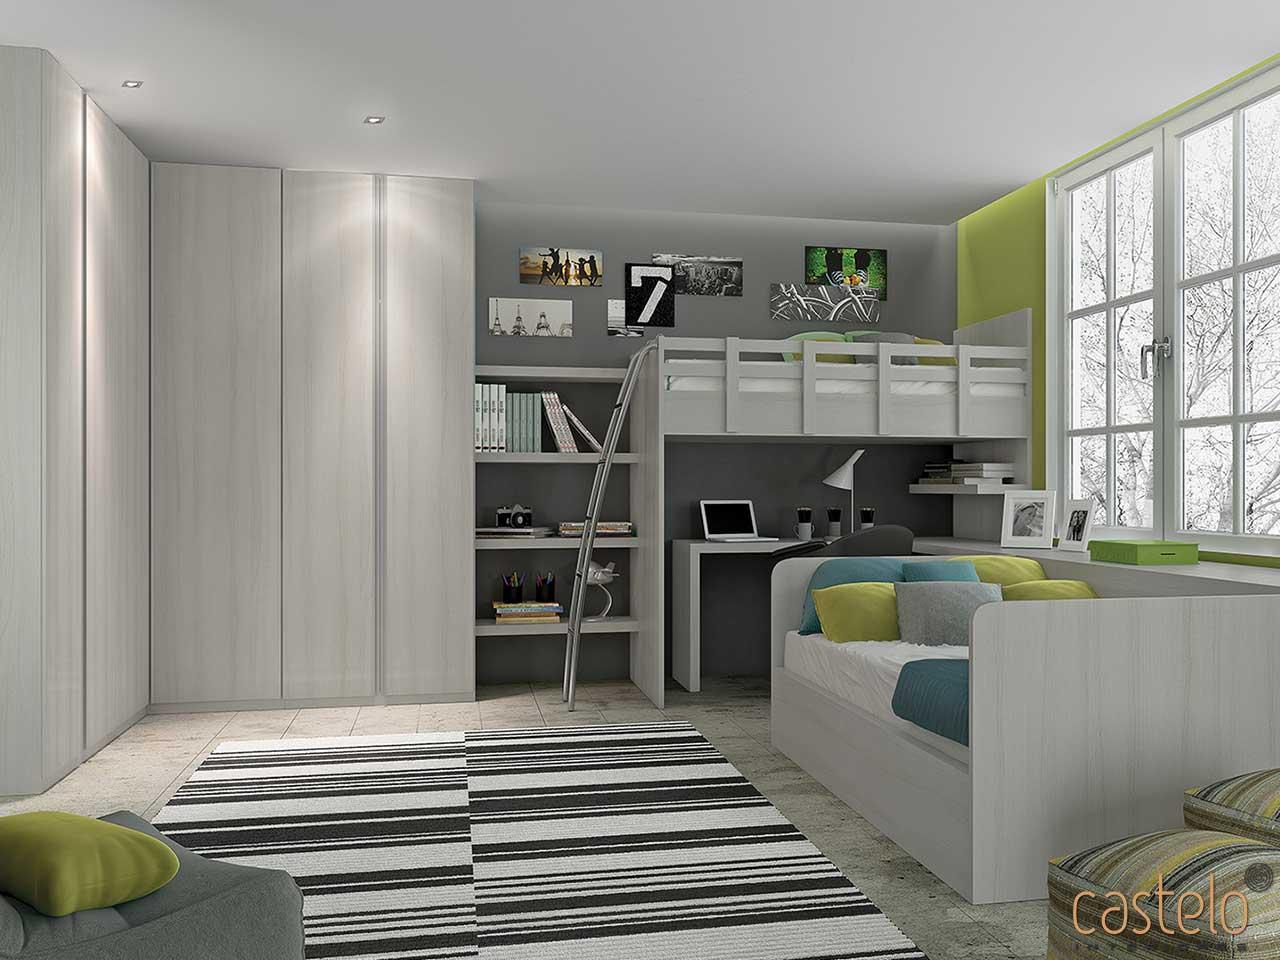 castelo-interiores-dormitorio2